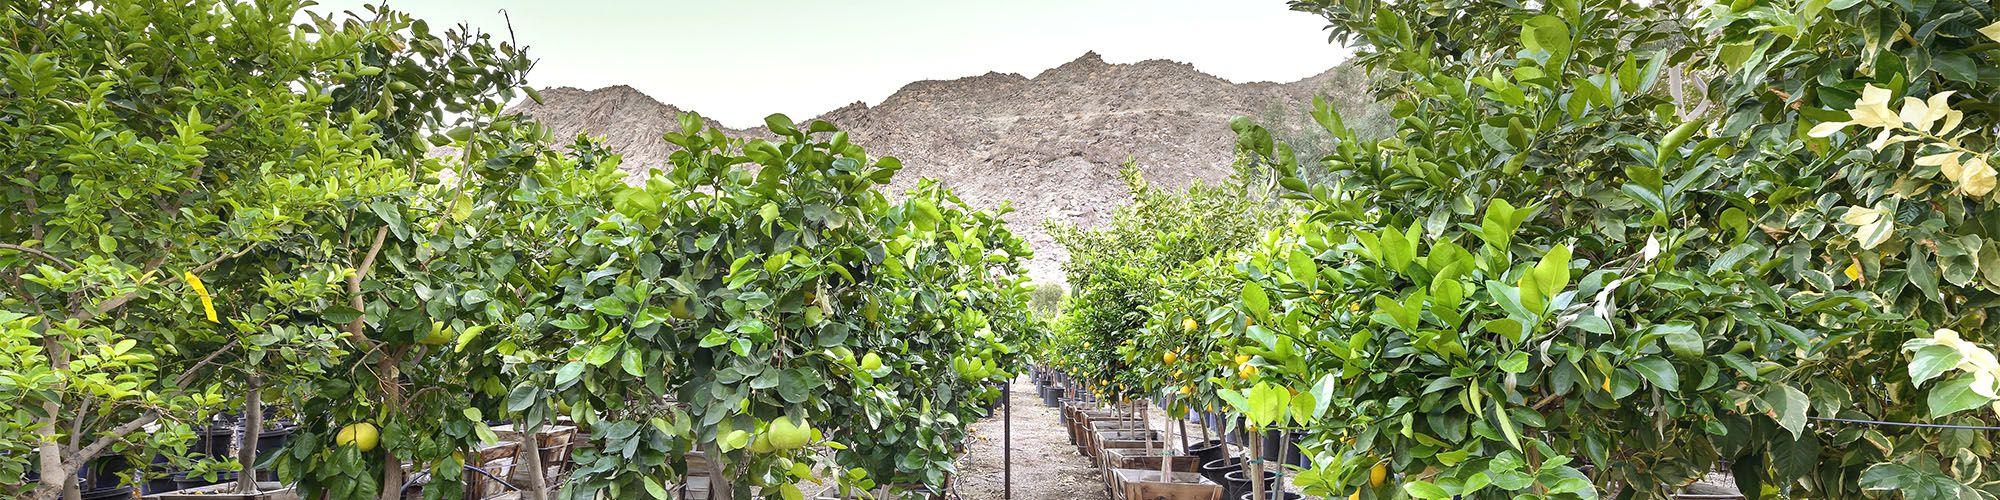 Elettrotecnica agostini vendita online irrigazione e for Materiale irrigazione